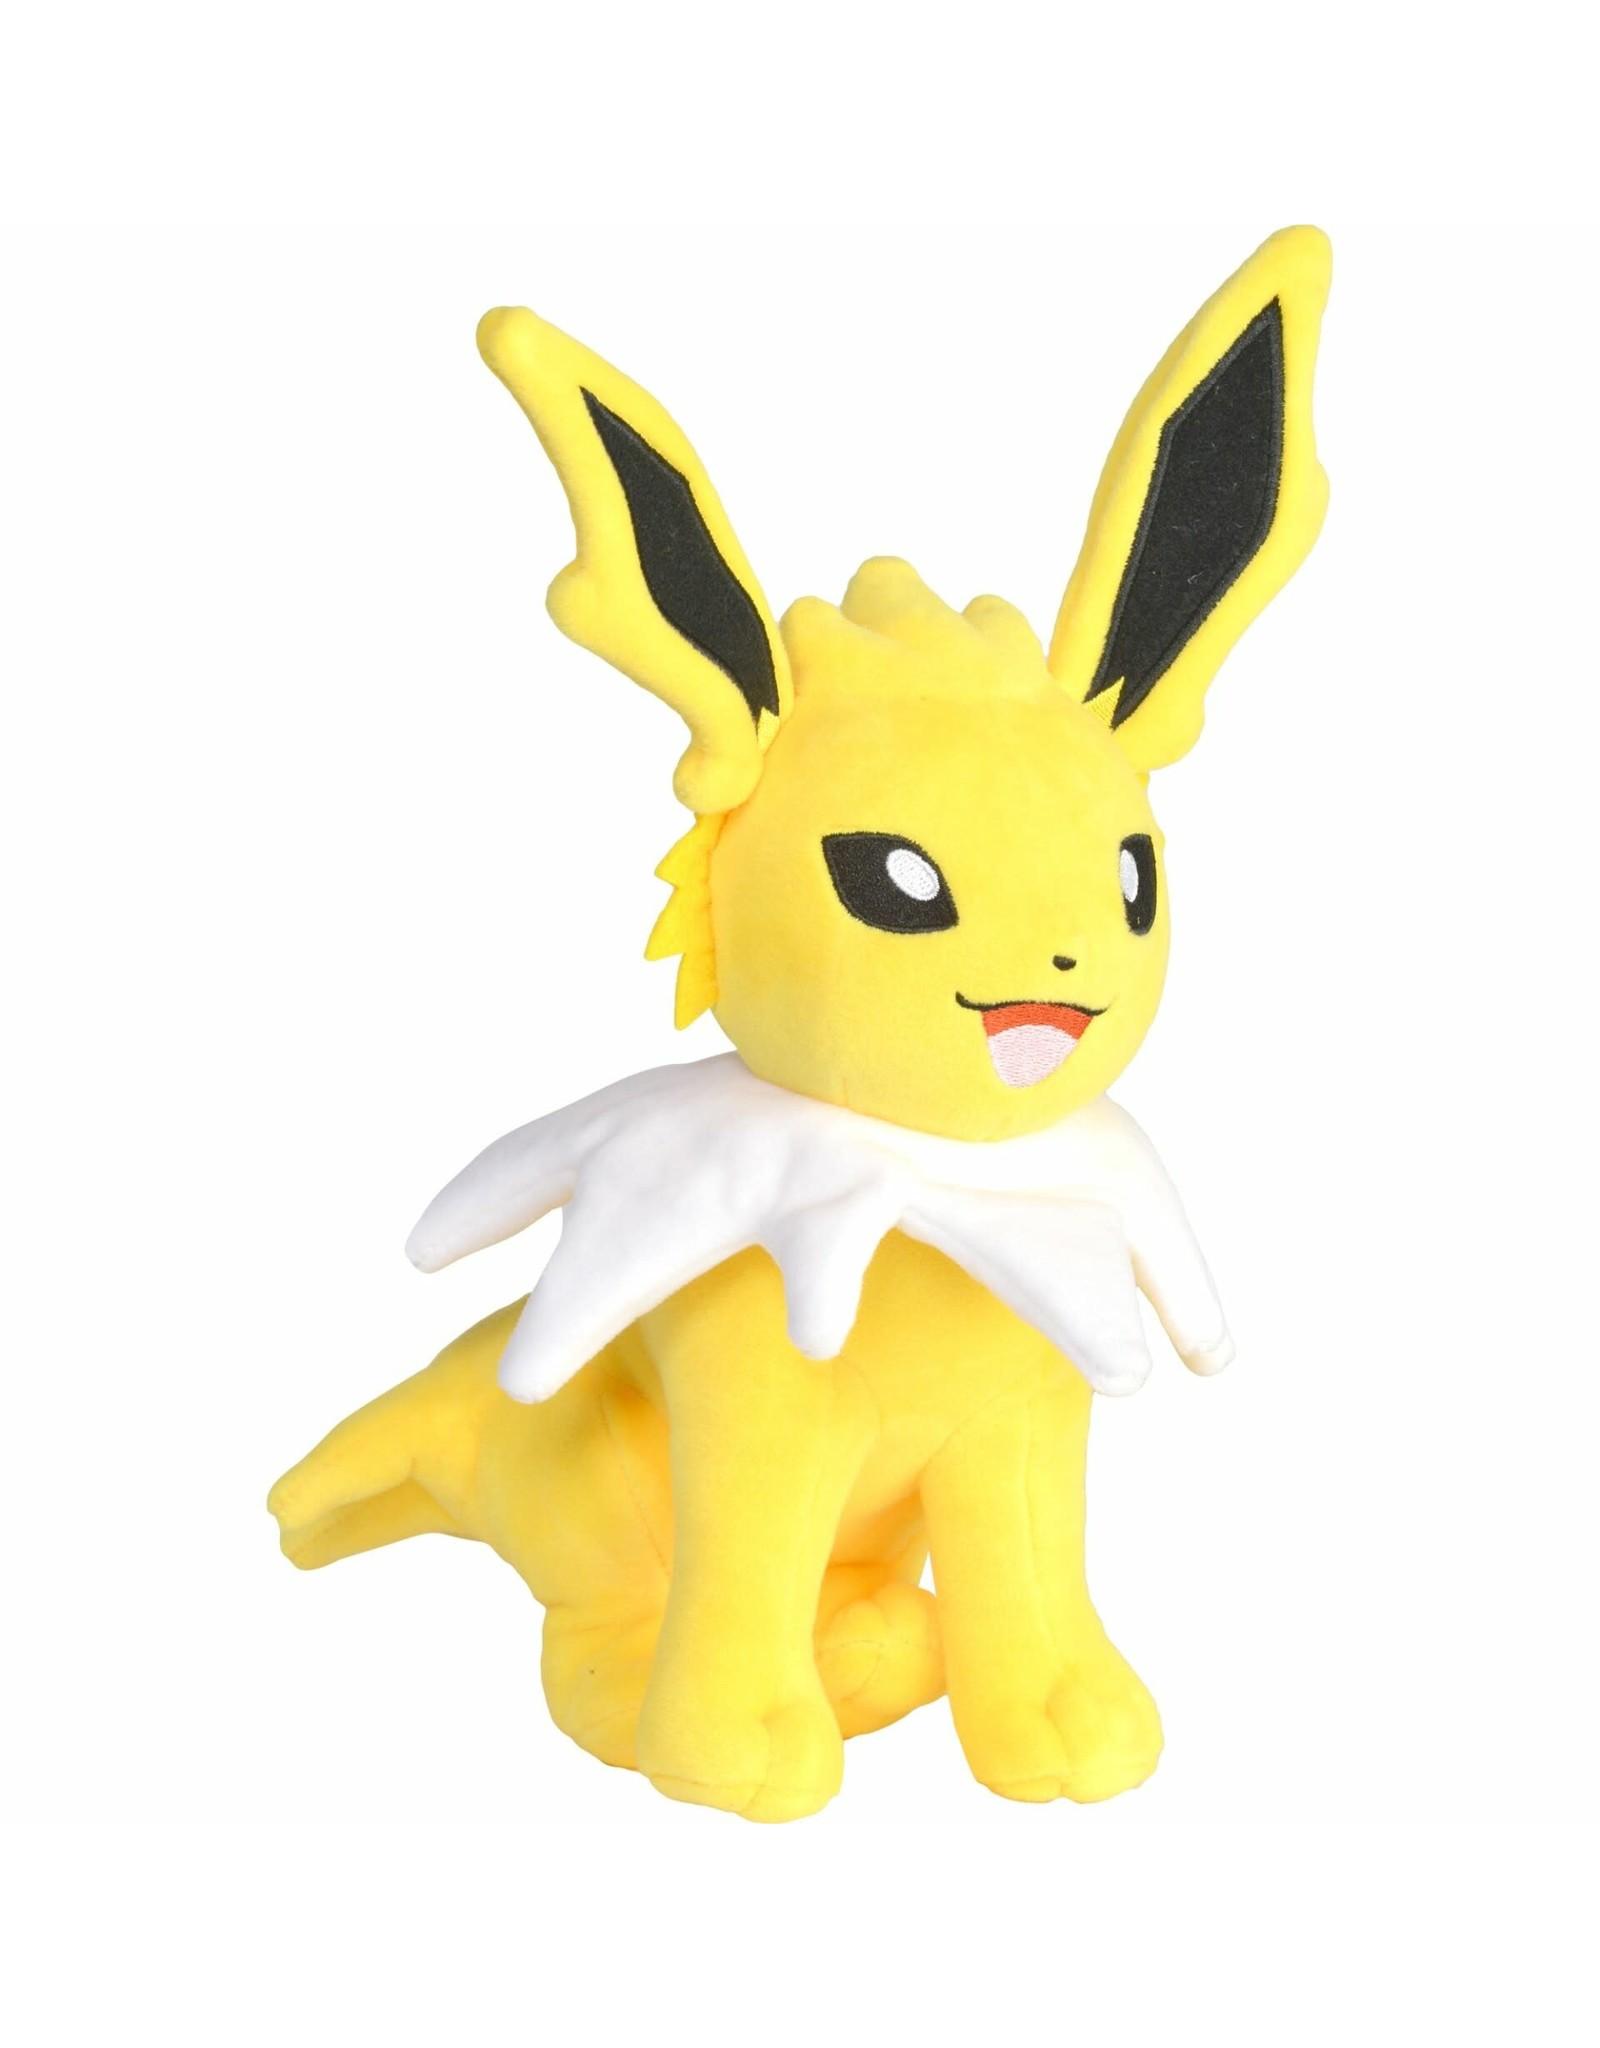 Jolteon - Pokemon Plush - 20cm